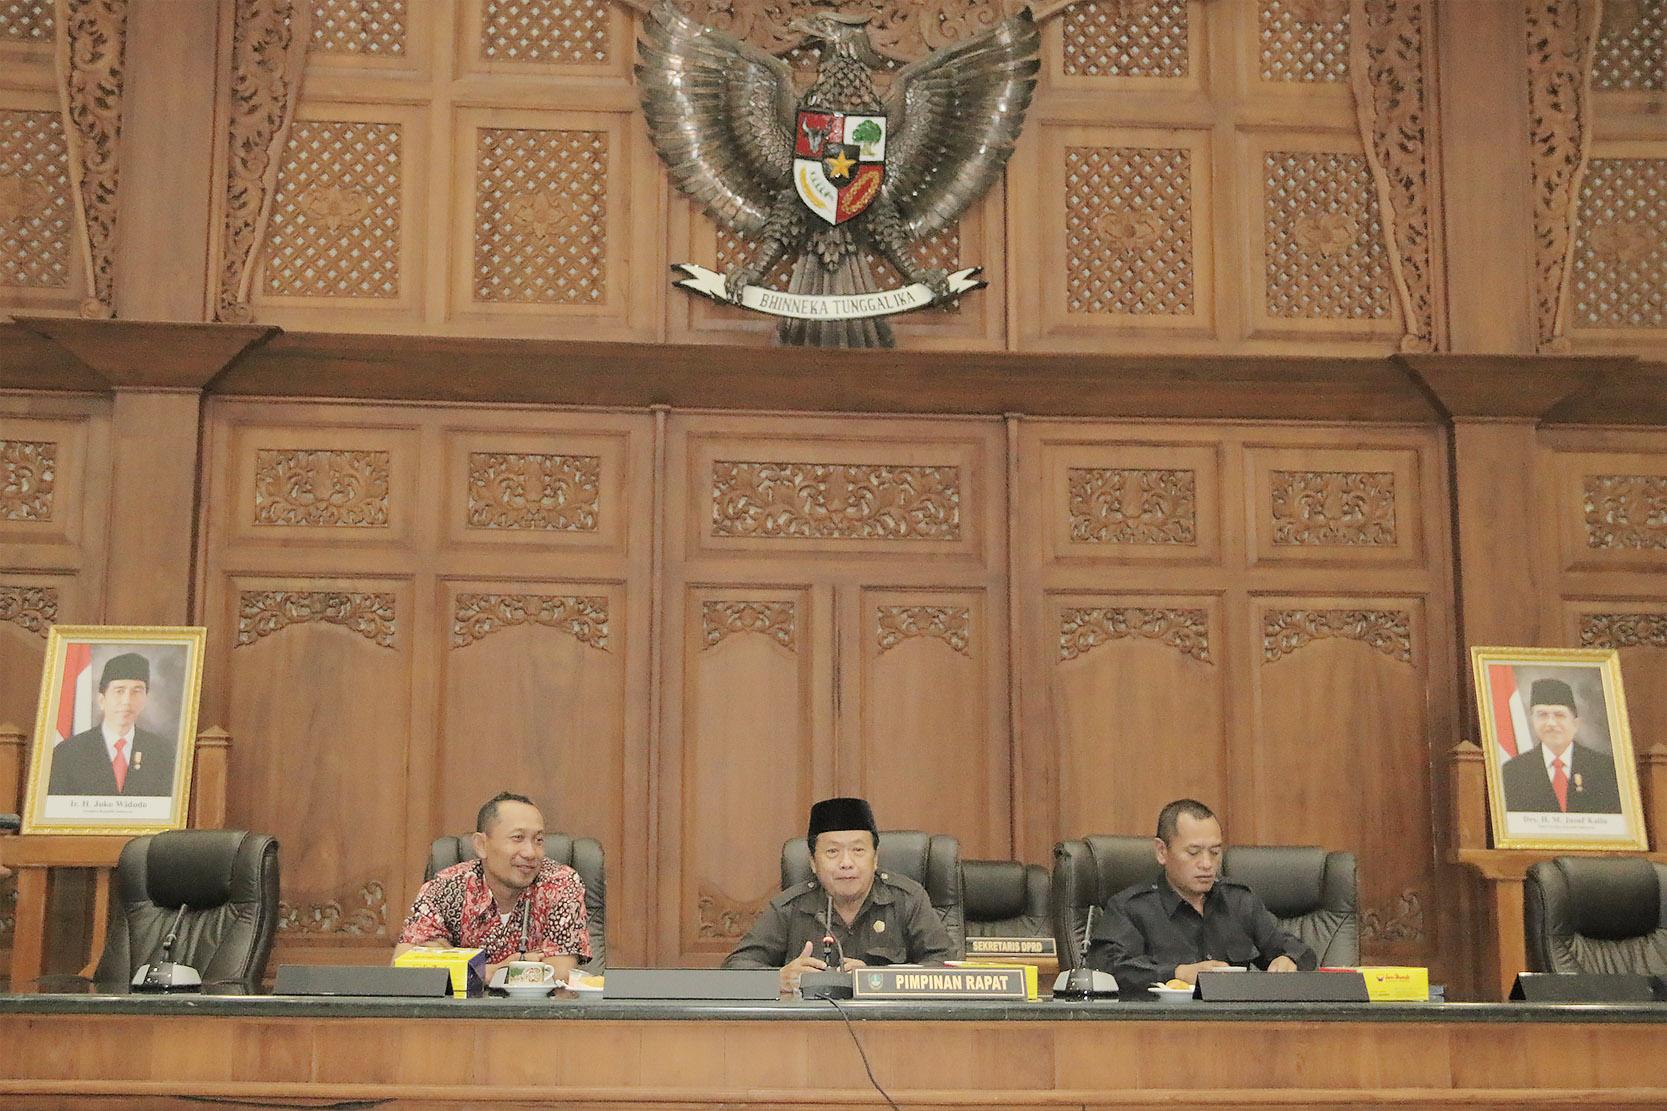 Penerimaan tamu studi banding Kabupaten Kudus dan Kabupaten Semarang terkait tenaga Outsourcing dan Perekonomian